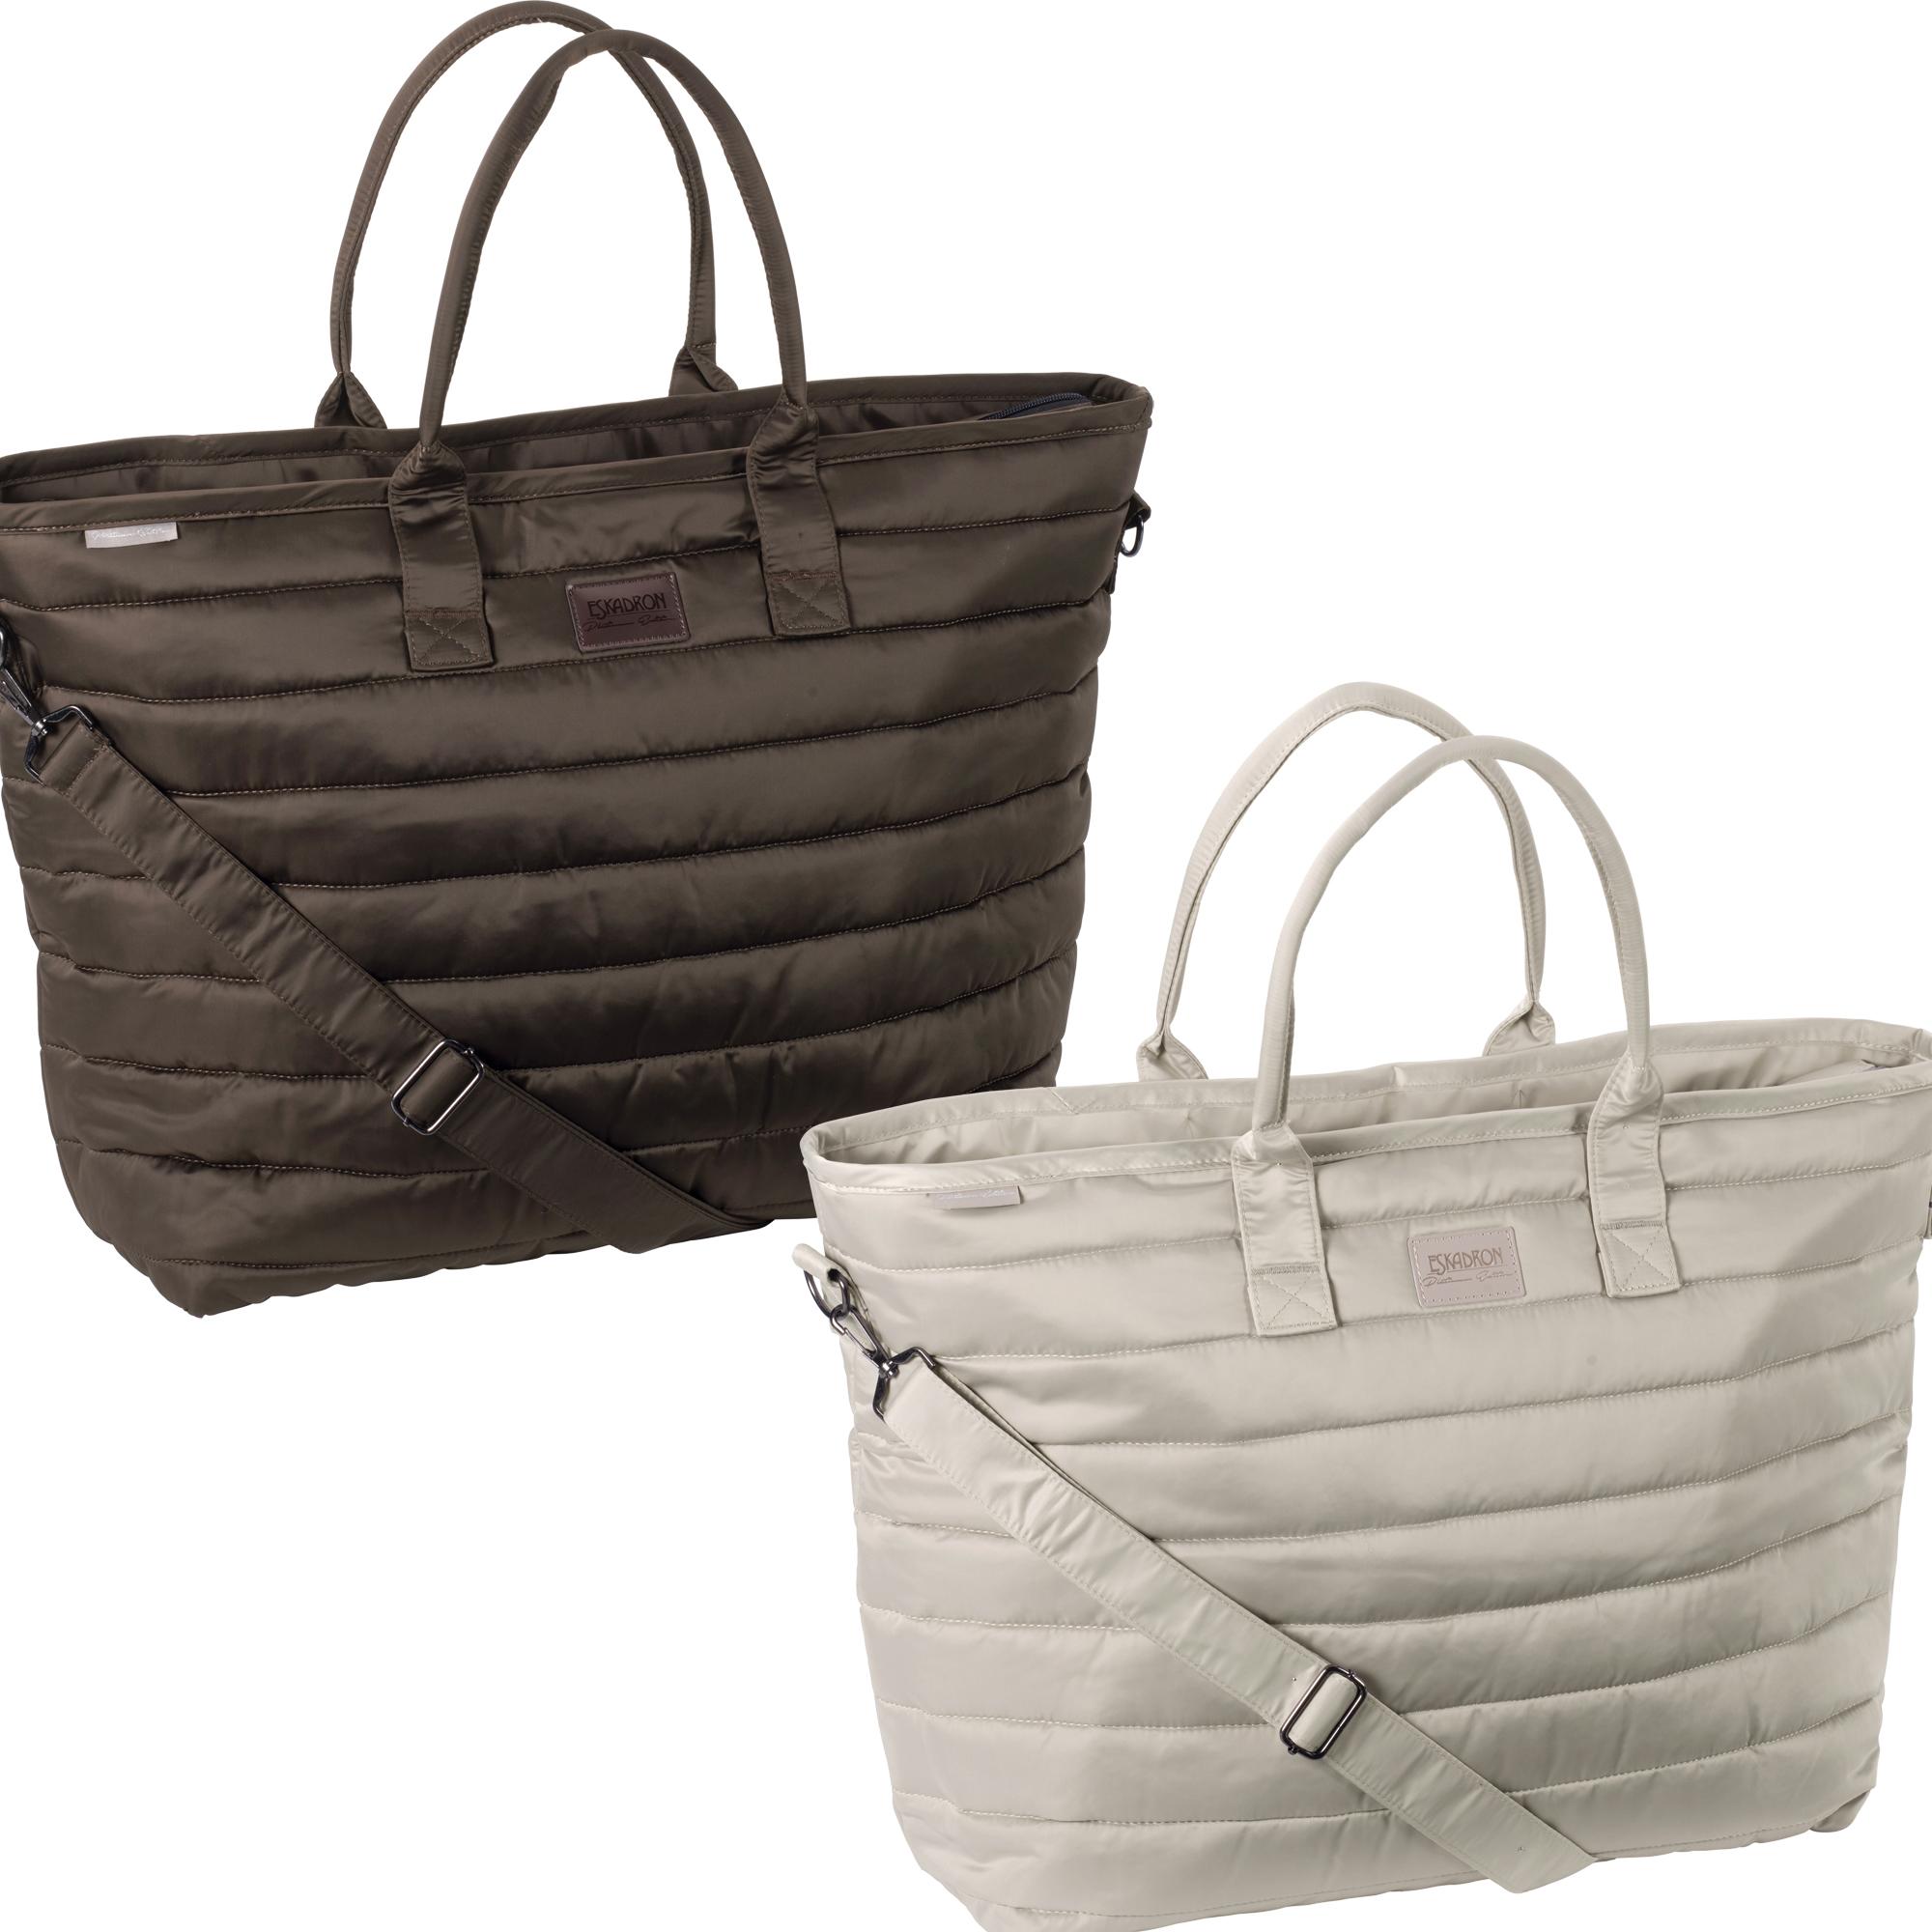 Eskadron Platinum Tasche Glossy Shopper in havannabrown oder greige